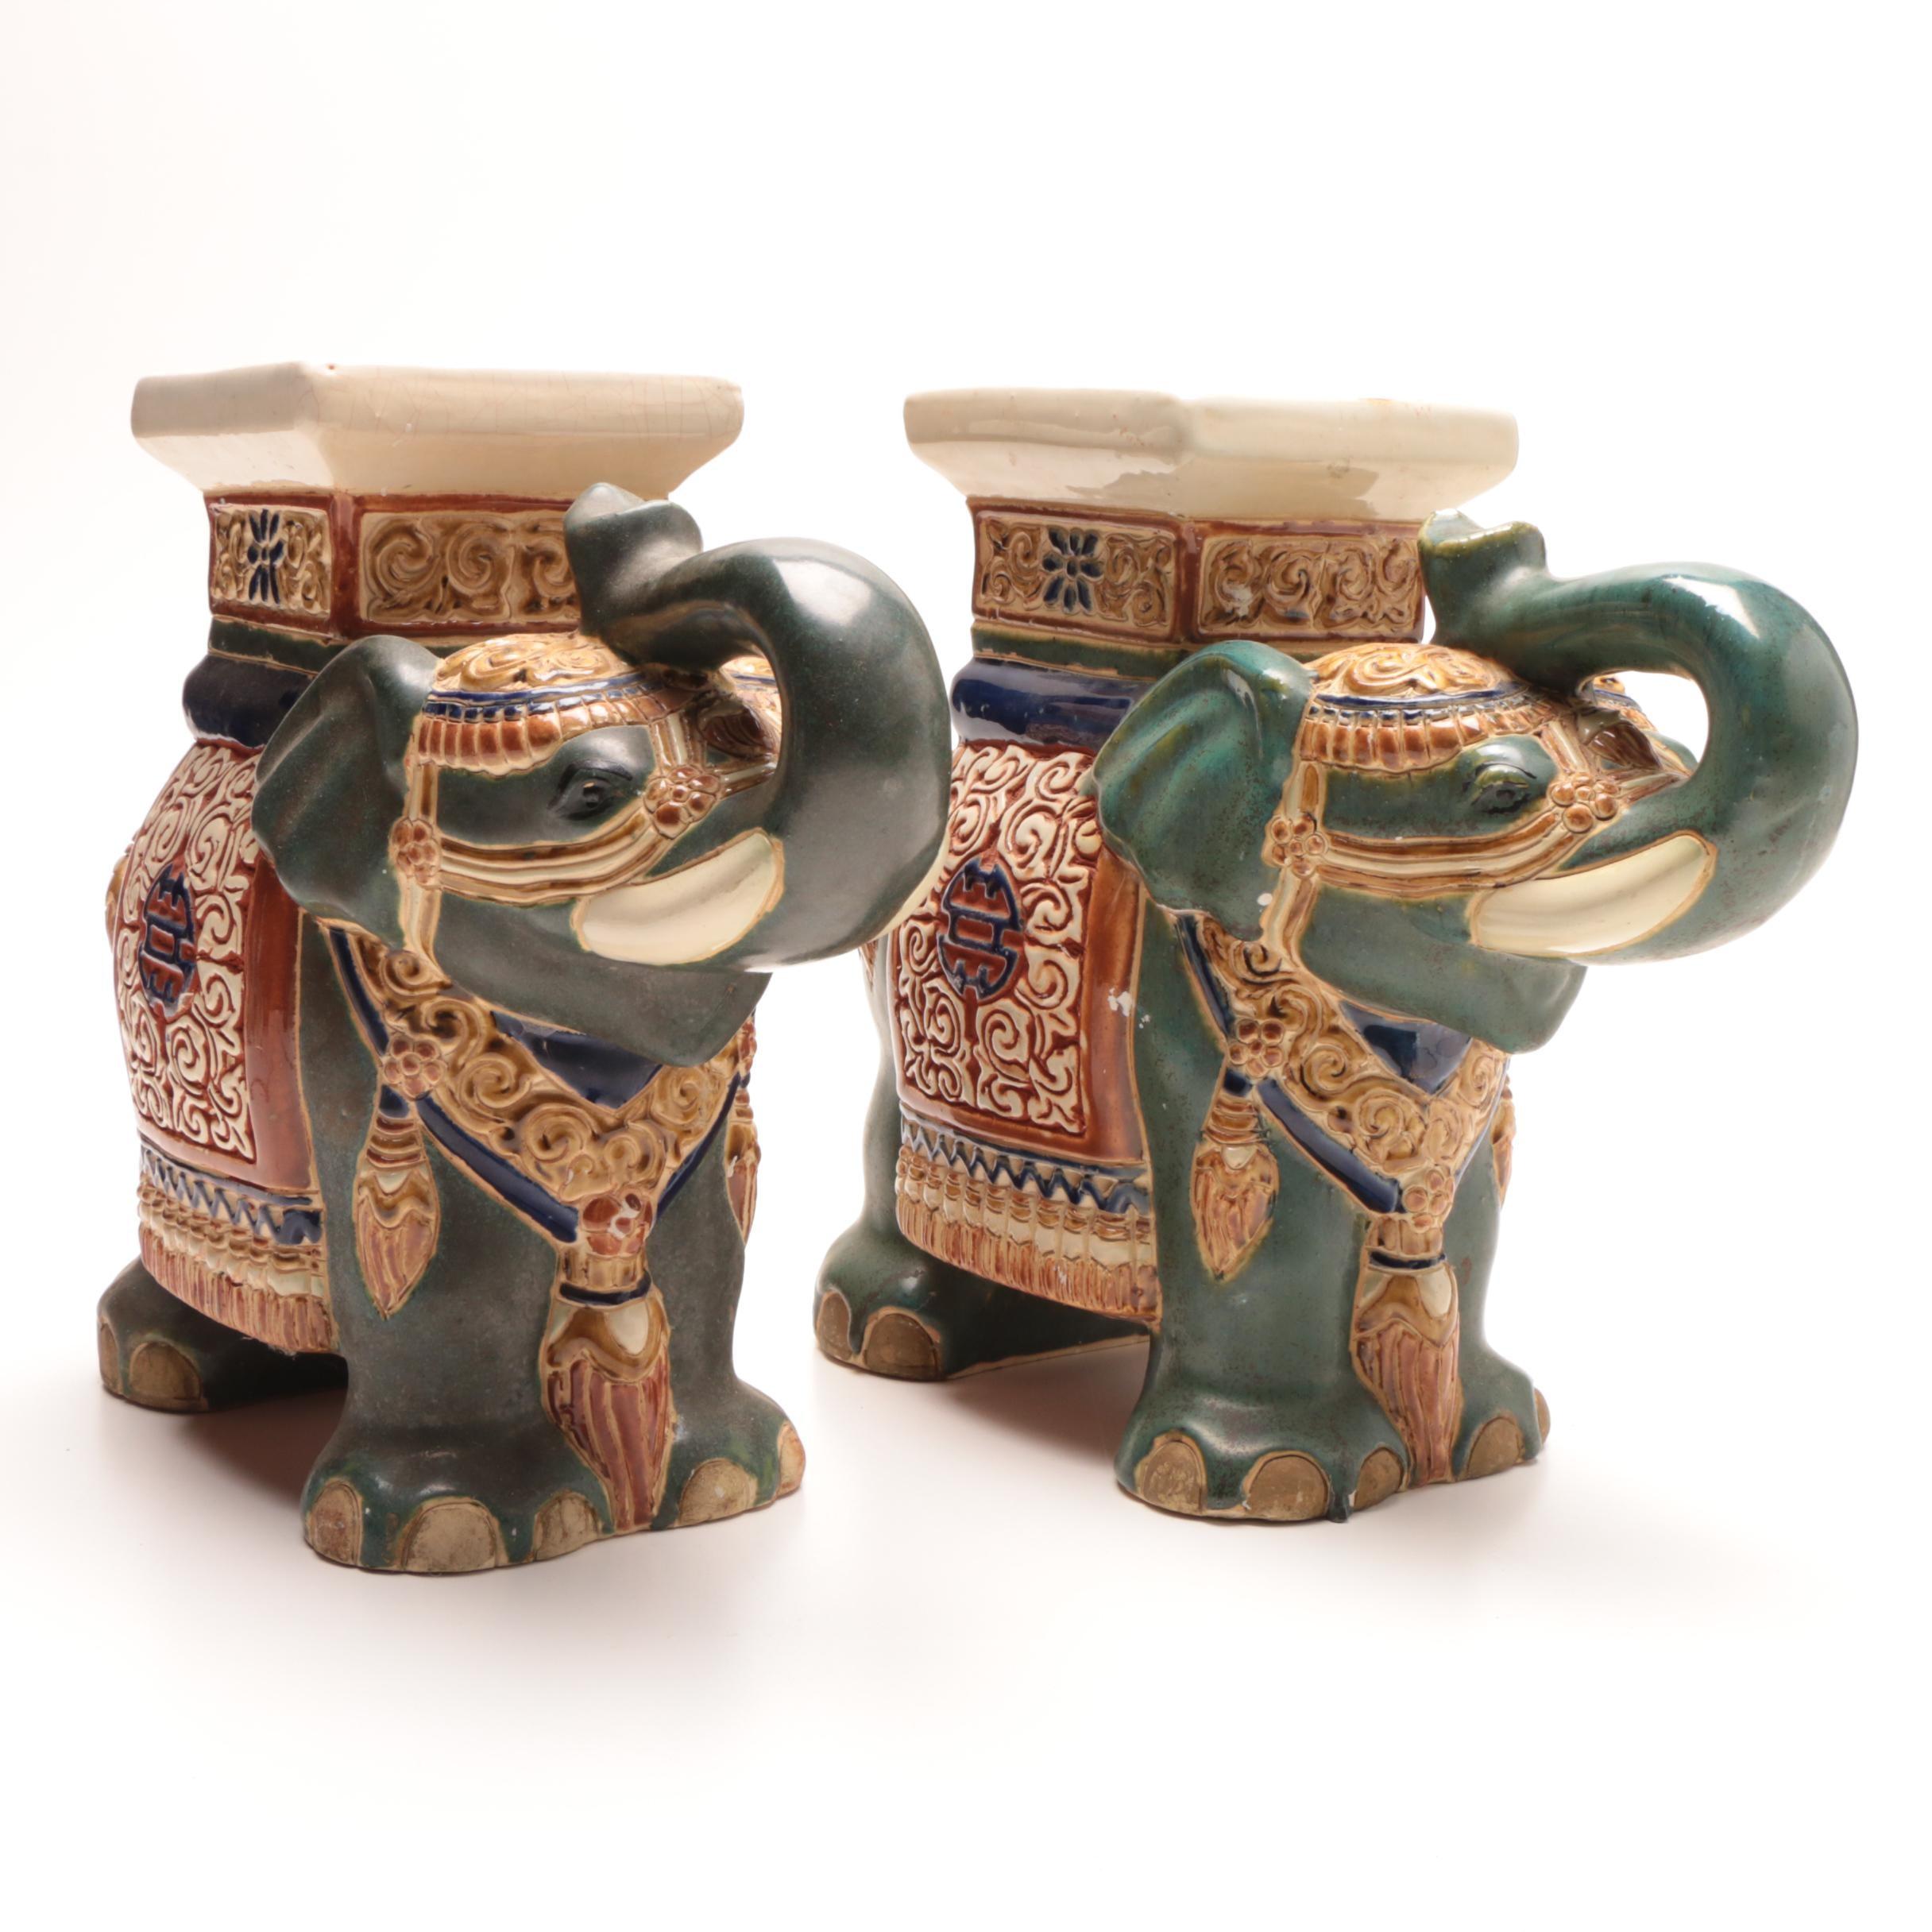 Chinese Elephant Shaped Ceramic Jars